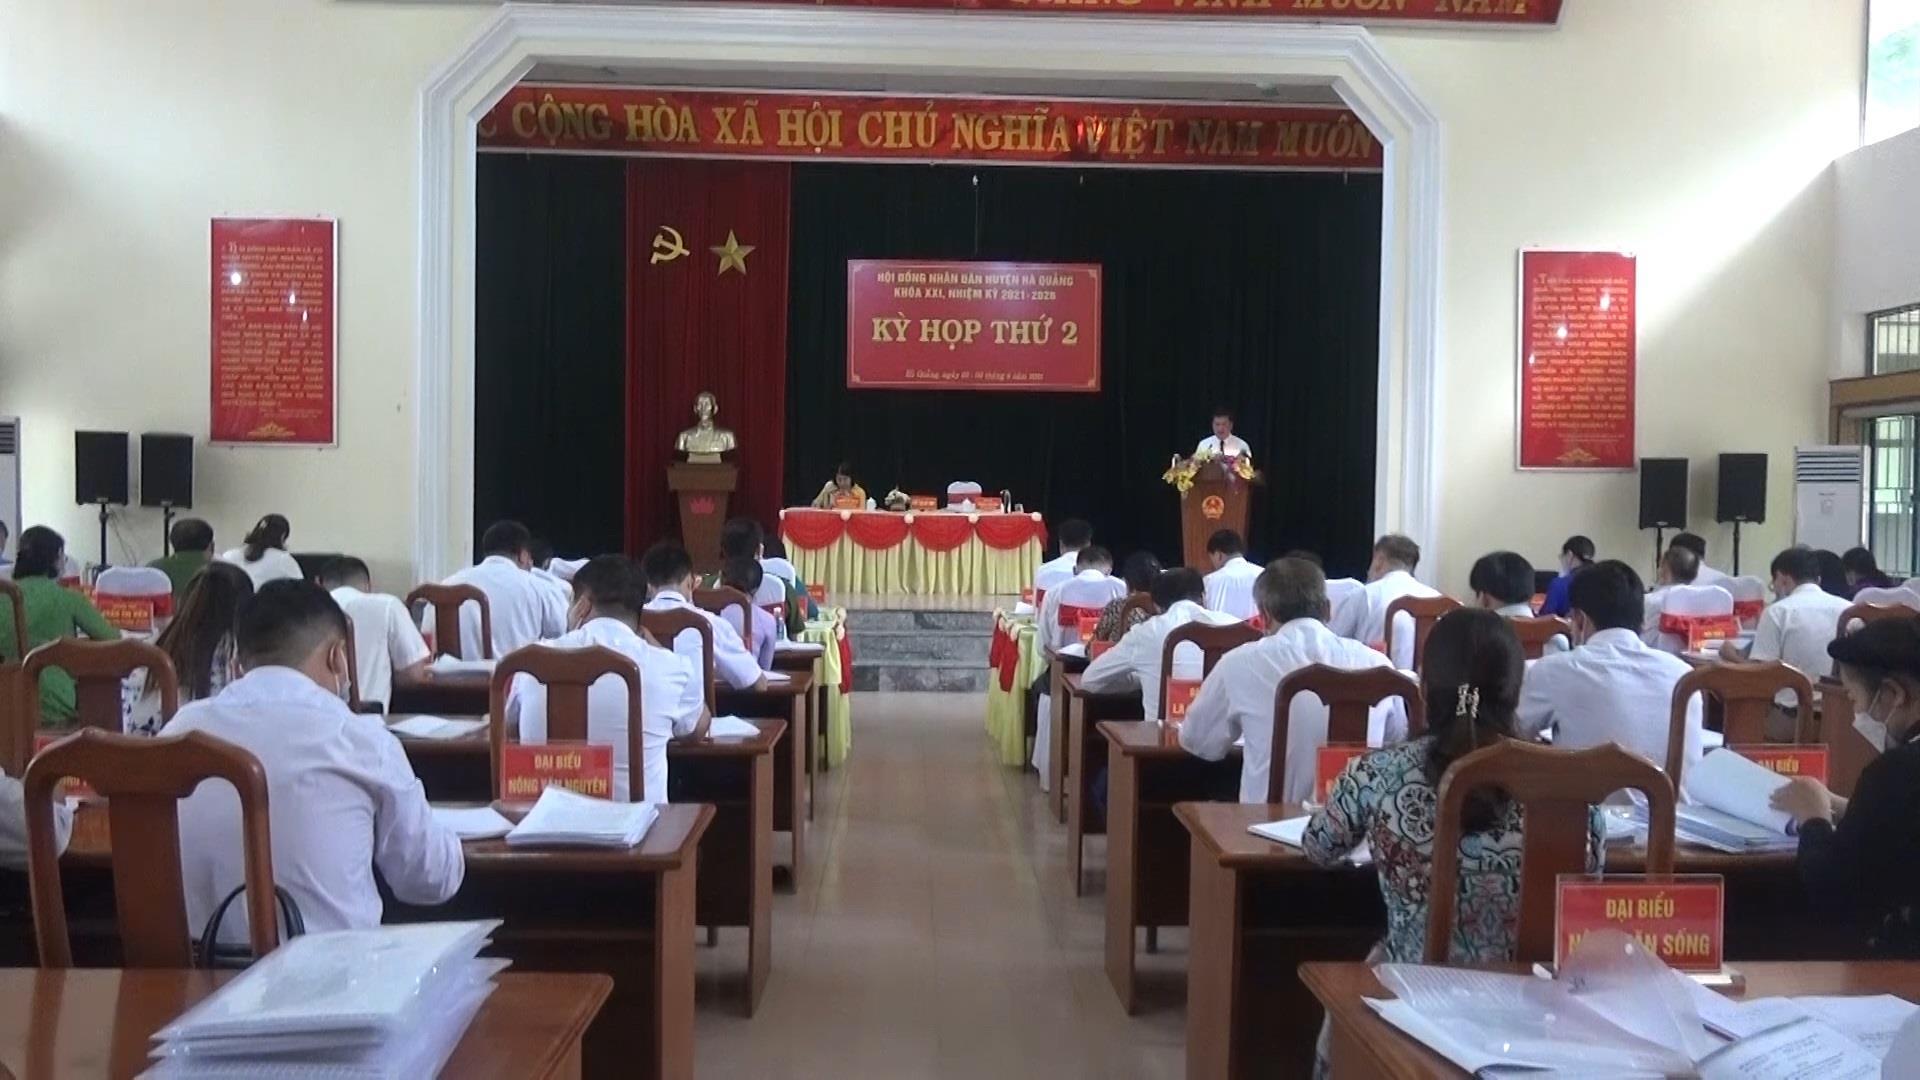 Hà Quảng: HĐND huyện tổ chức Kỳ họp thứ 2 khóa XXI, nhiệm kỳ 2021 - 2026